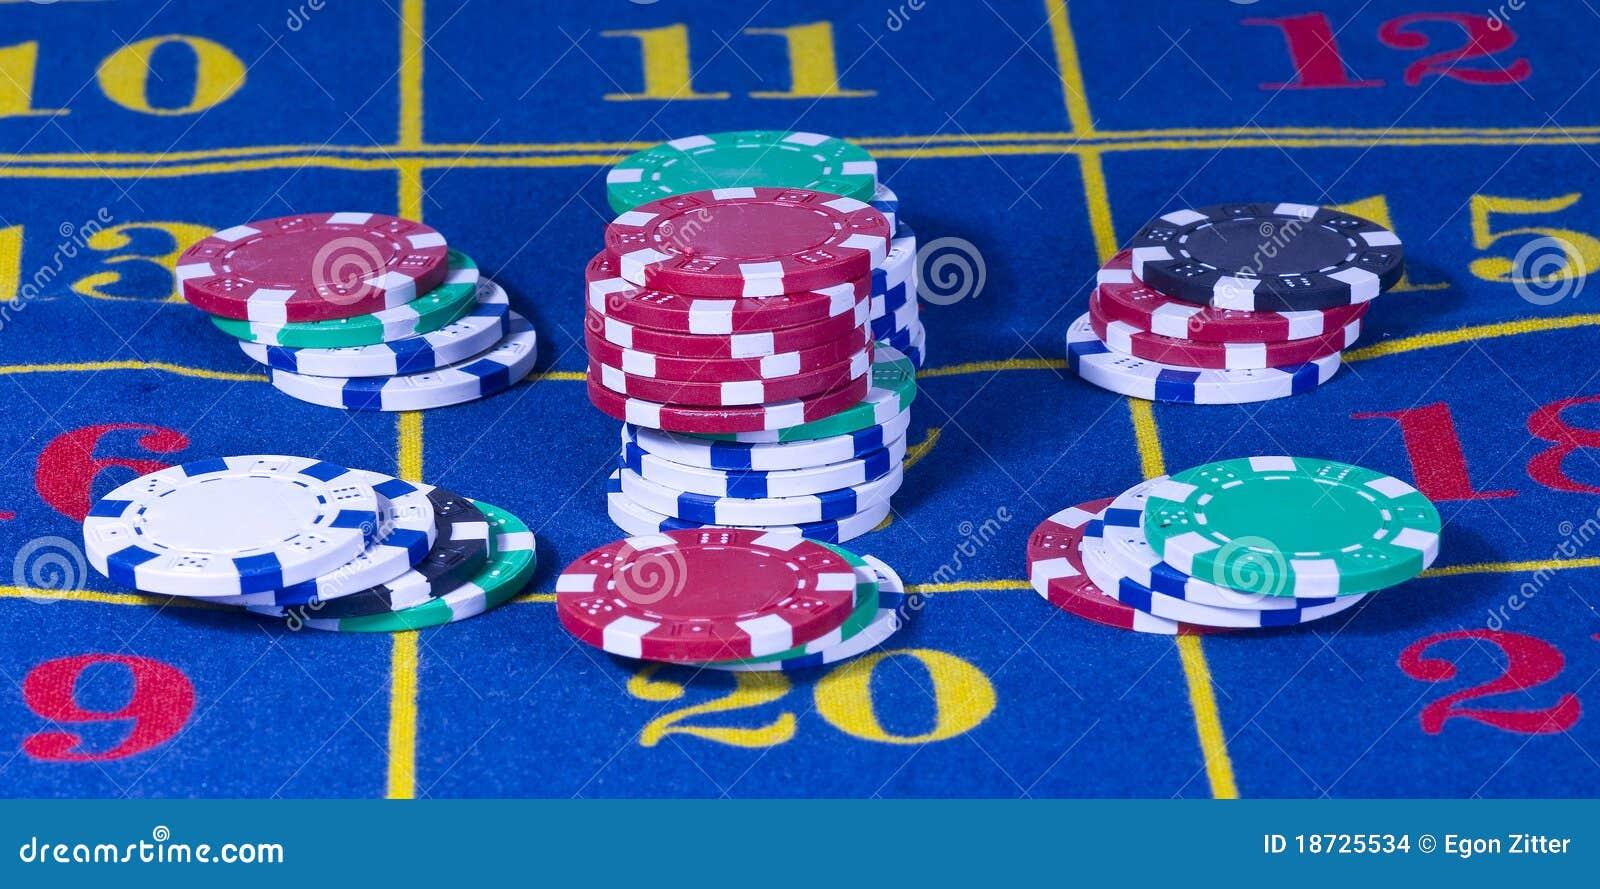 Vegas casino free slot games